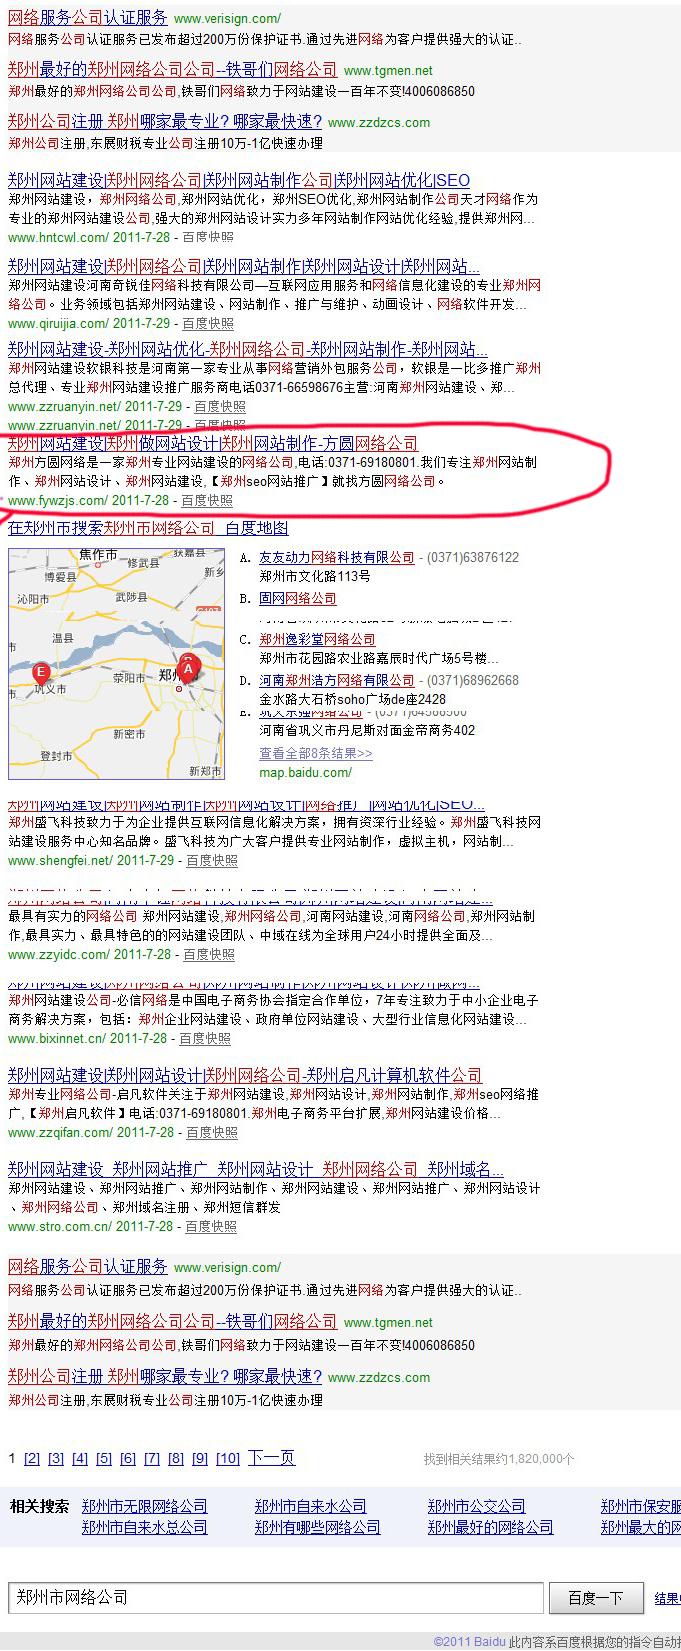 郑州市的网络公司